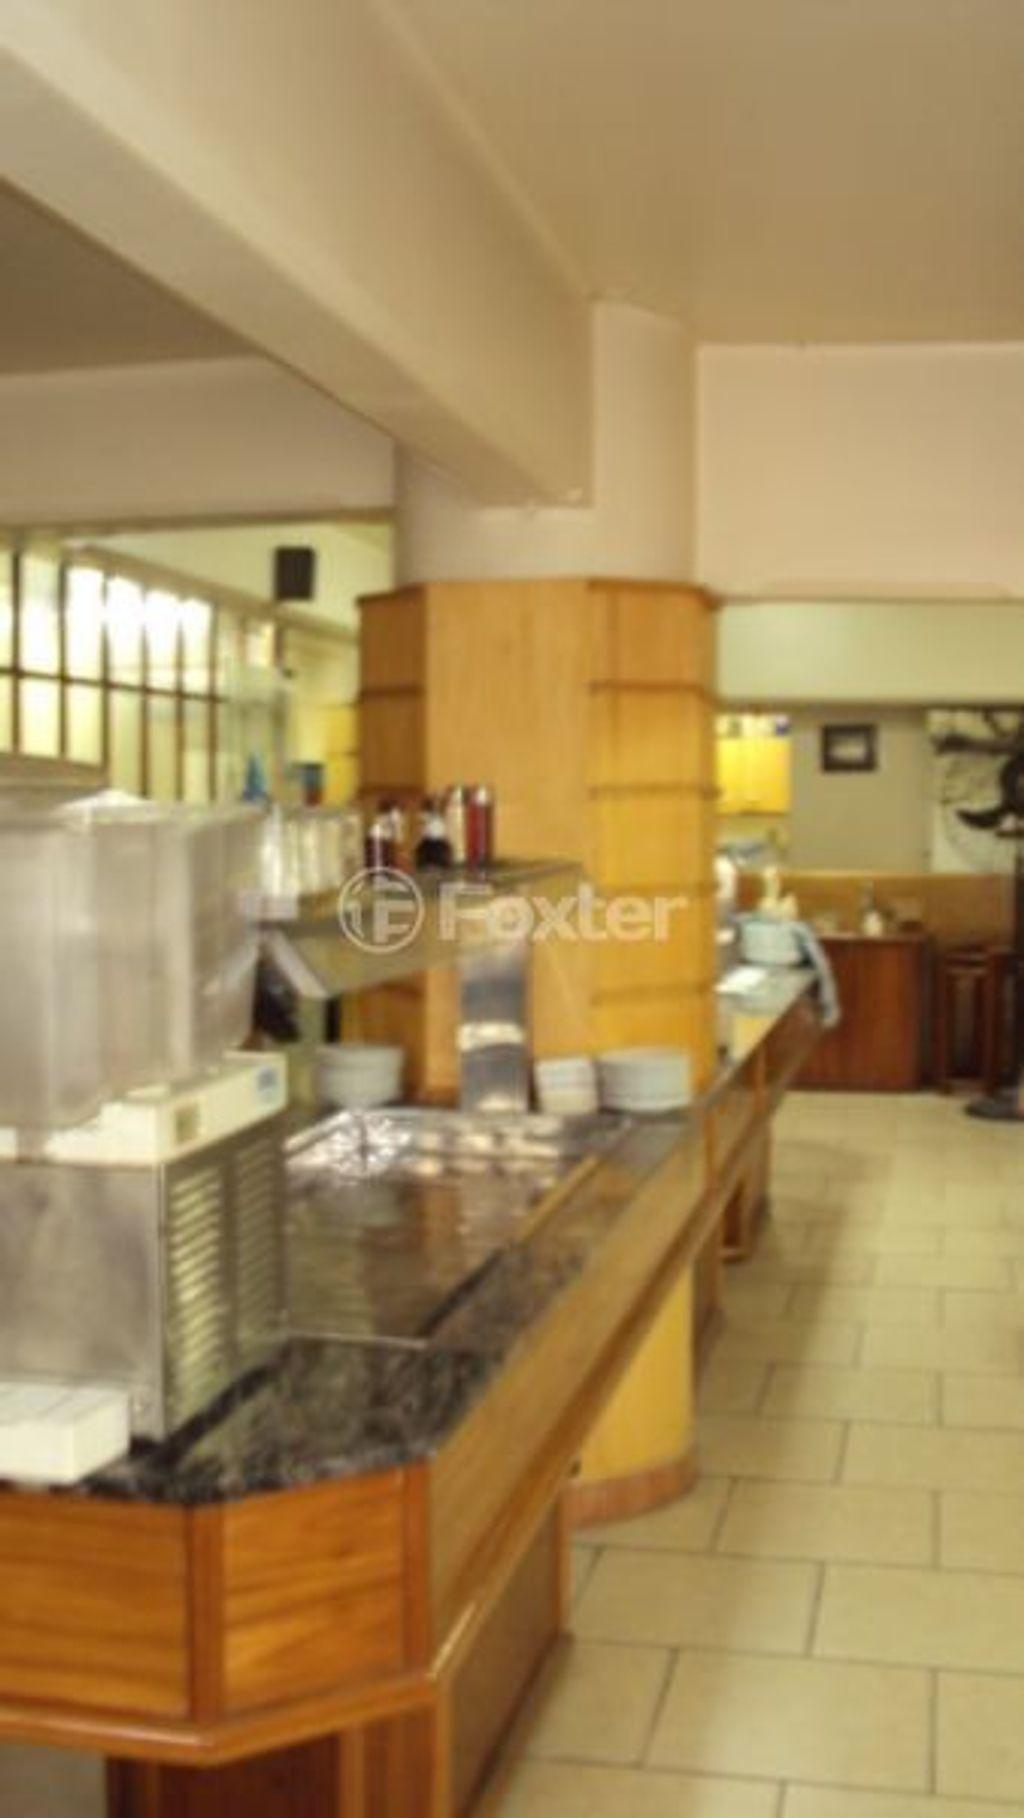 Foxter Imobiliária - Loja, Bom Fim, Porto Alegre - Foto 6